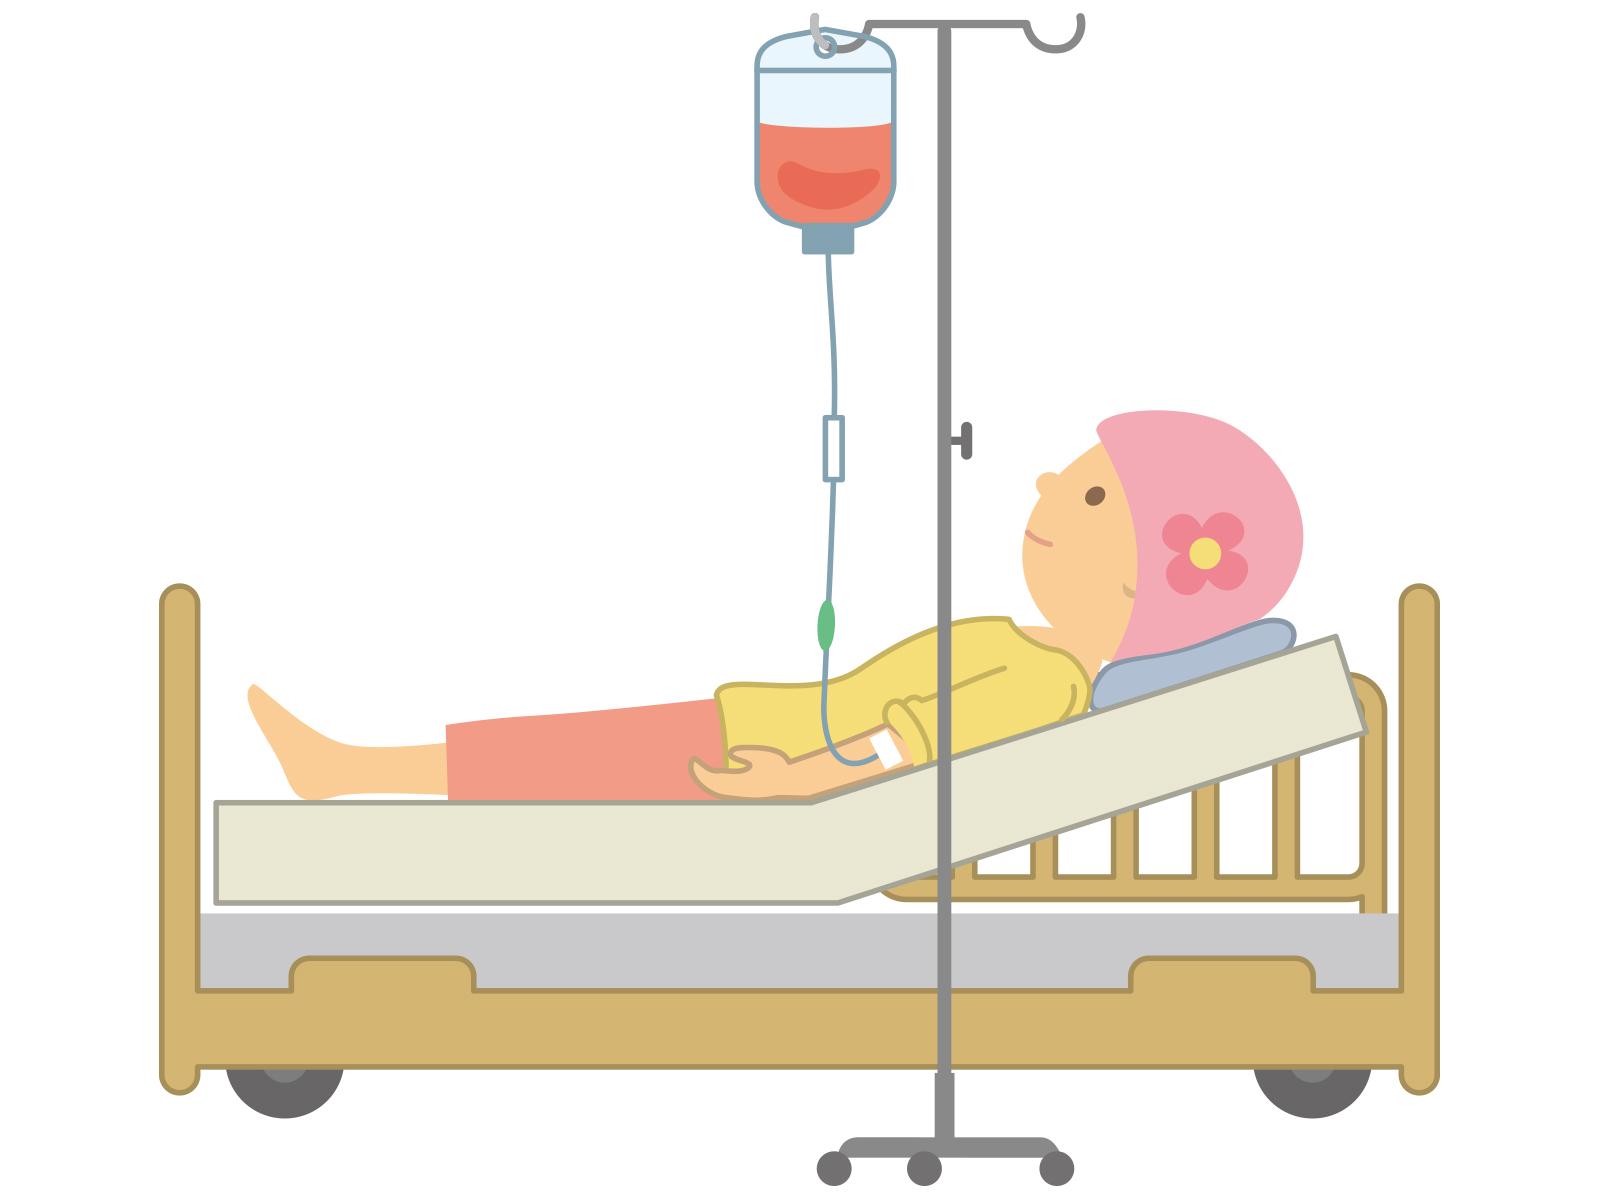 子宮頸がんの抗がん剤治療が始まる。抗がん剤で二日酔い?